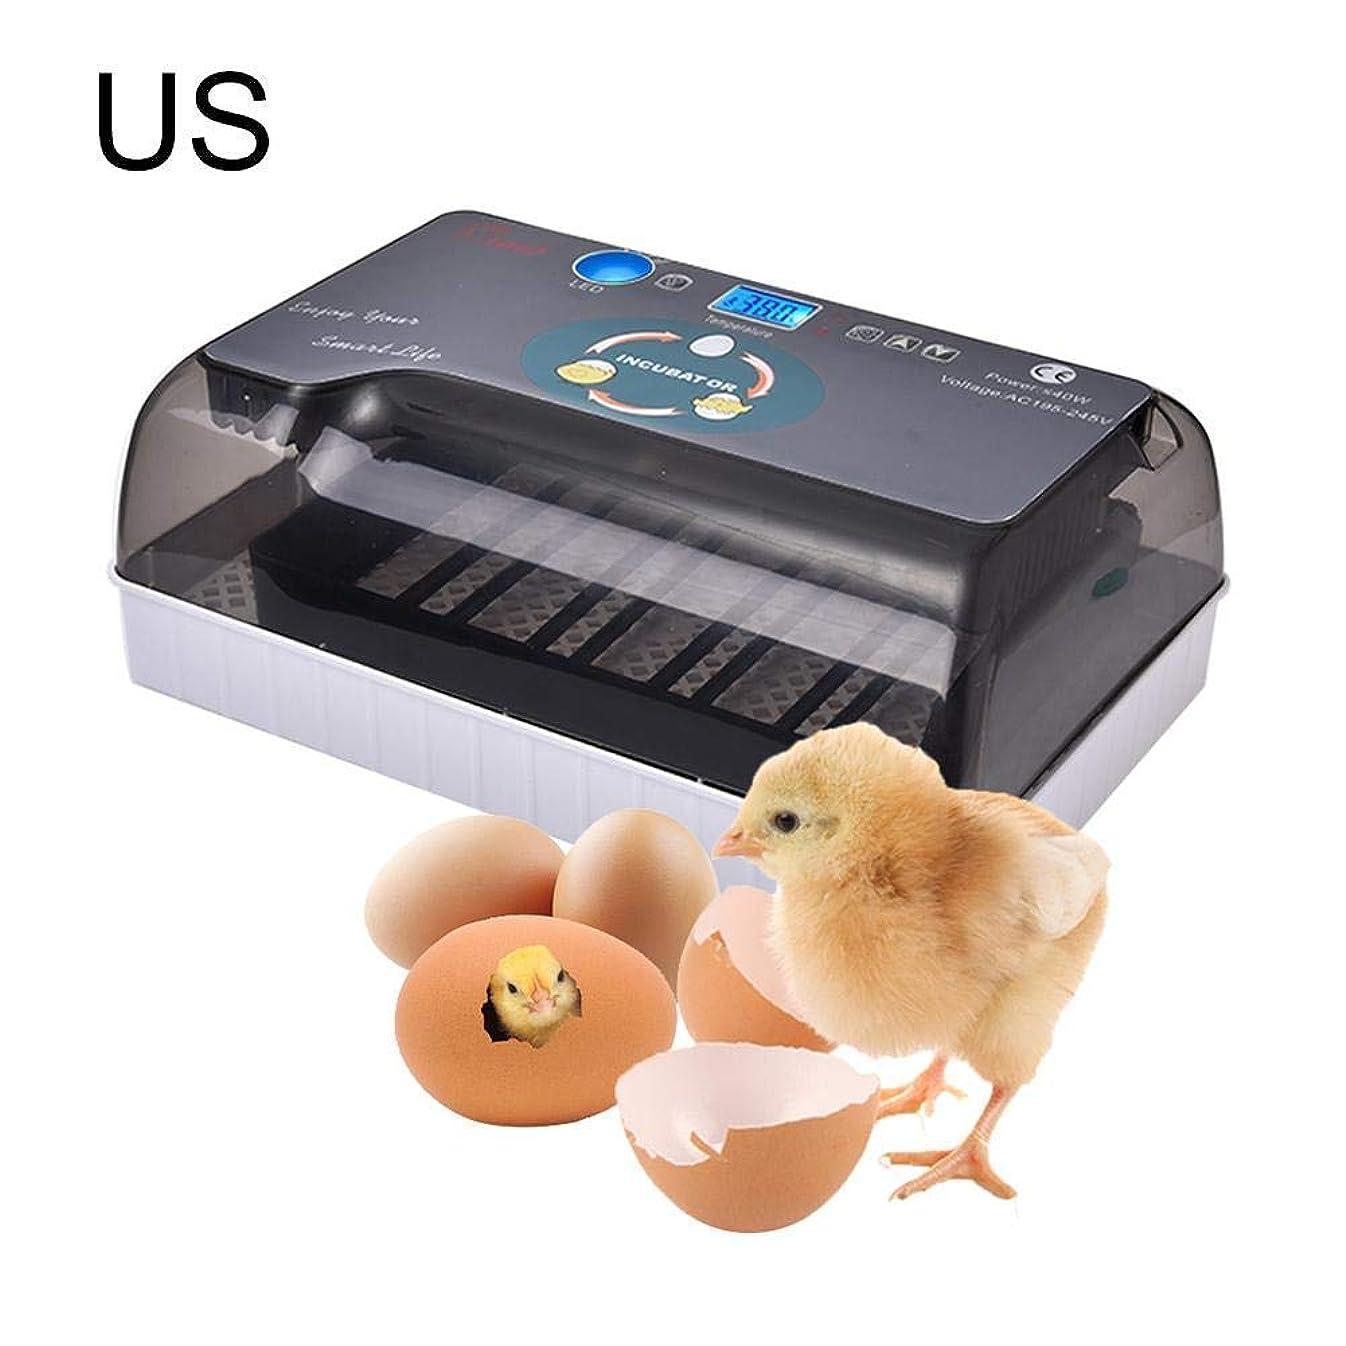 ワークショップ遠え石の自動孵卵器 インキュベーター 鳥類専用 孵化器 12個入卵OK 子供教育用 小型 自動温度制御 簡単操作 デジタル表示 インキュベーター卵インキュベーターデジタルディスプレイ自動孵化4-35チキン アヒル 鳥 七面鳥など 110V